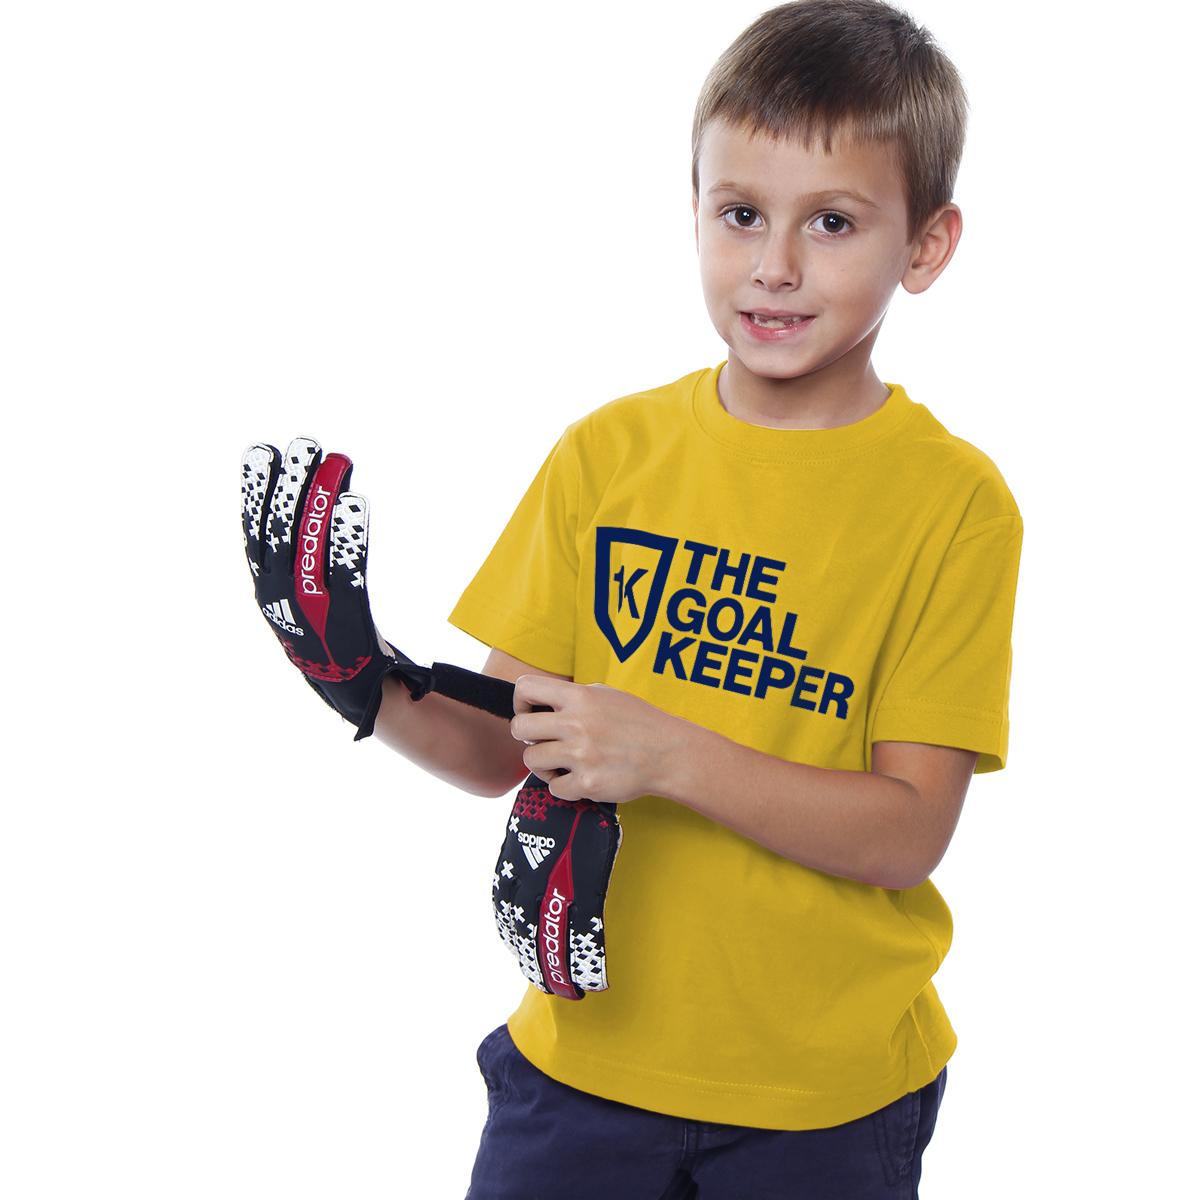 Camiseta The Goal Keeper